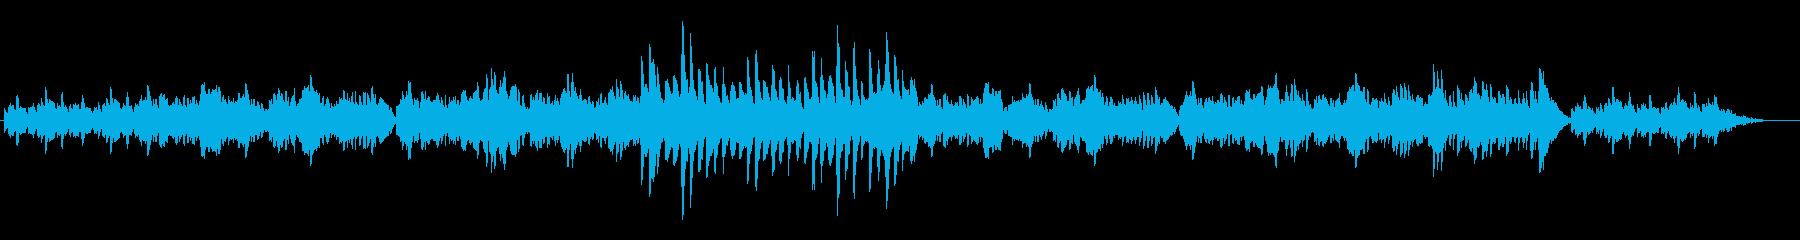 静かで穏やかなFl.Harp二重奏の再生済みの波形